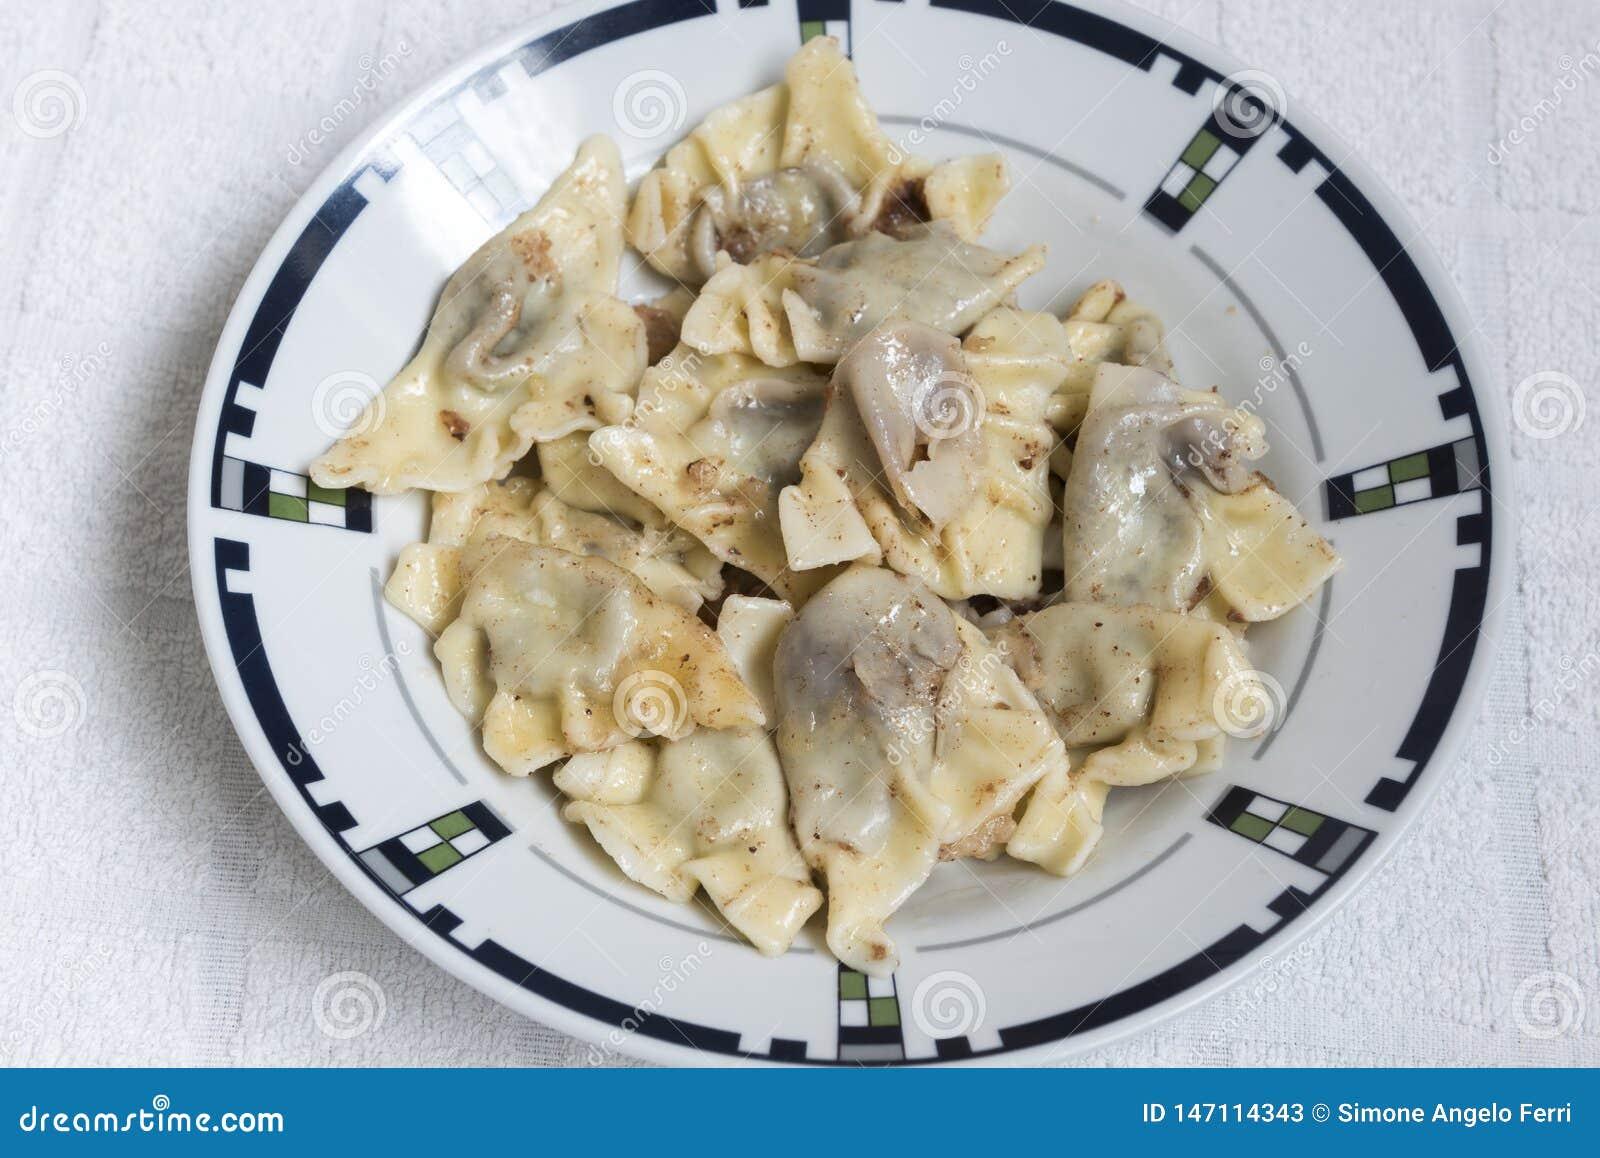 Bolas de masa hervida dulces cocidas al vapor, comida hecha en casa de los raviolis italianos